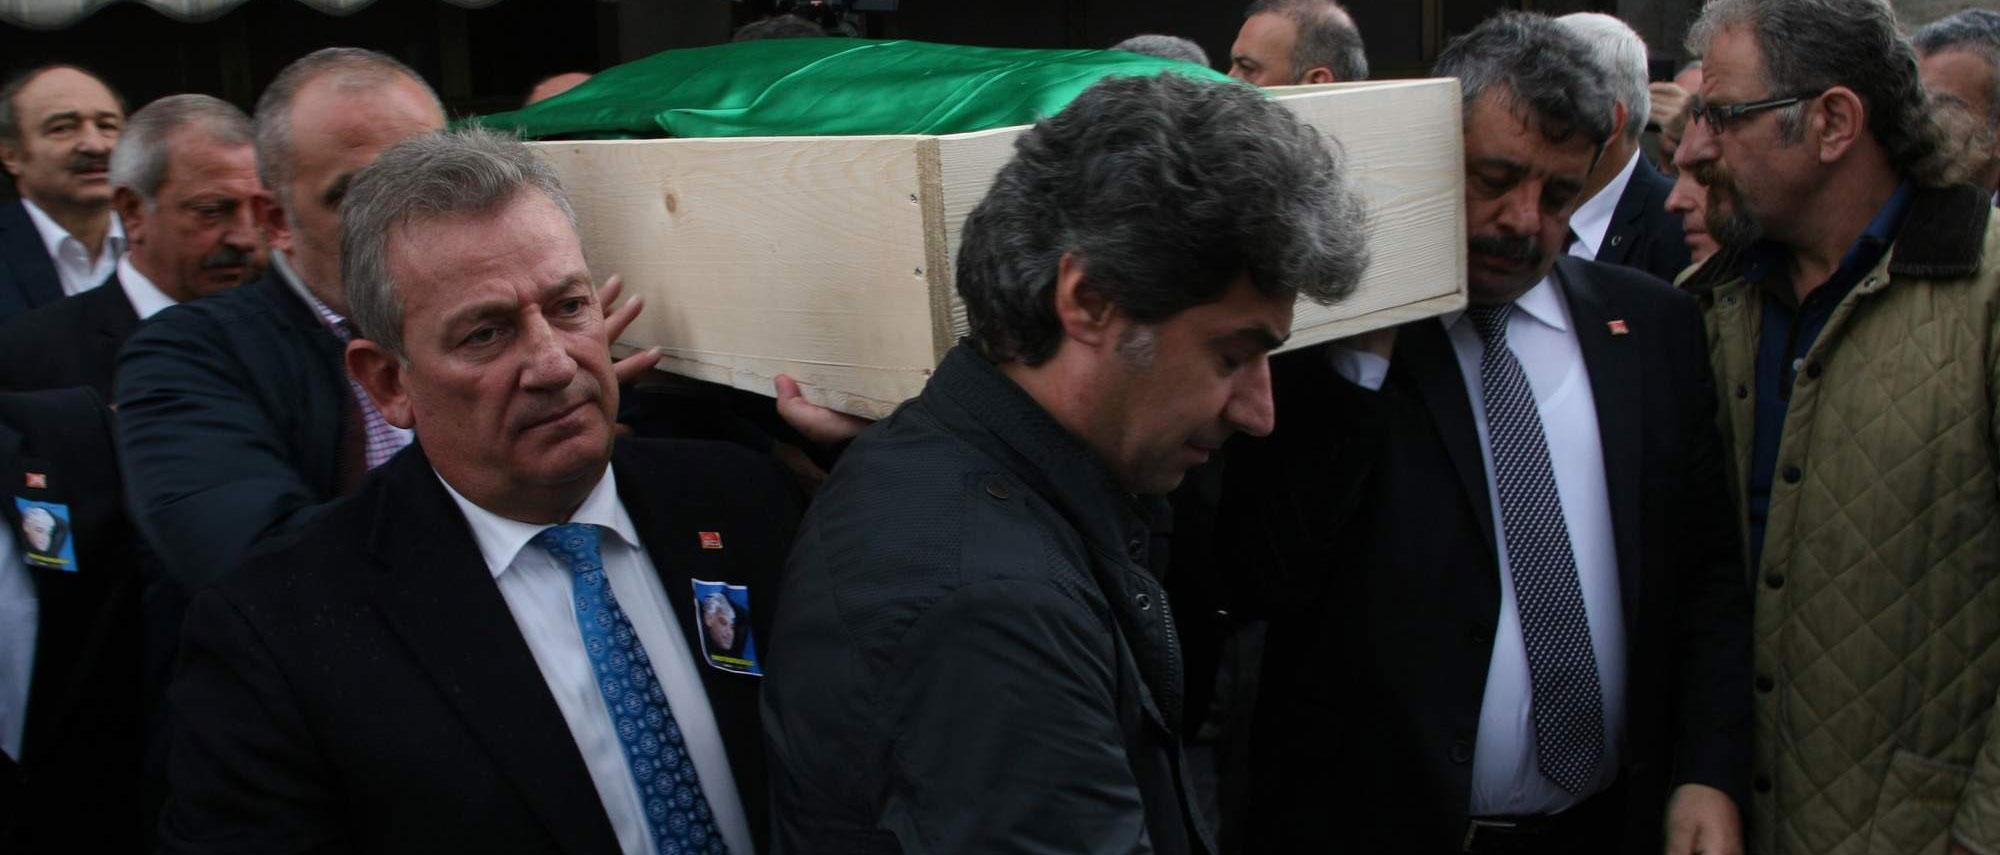 CHP'li Pekşen istifaya çağırdı, sert konuştu